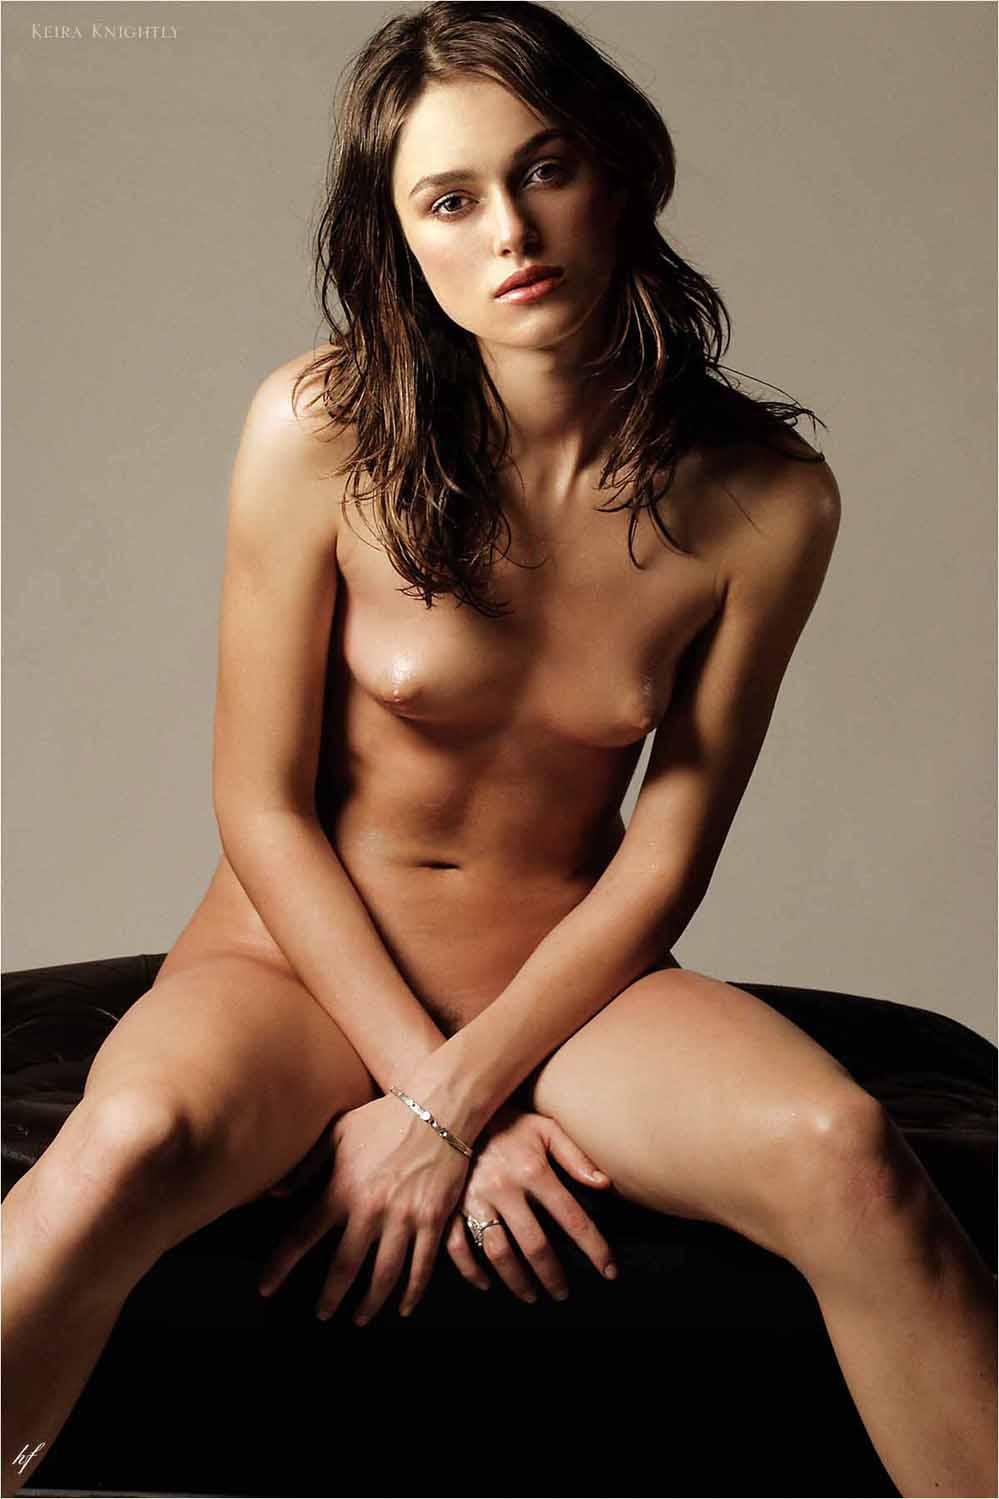 Keira knightley nude movie you